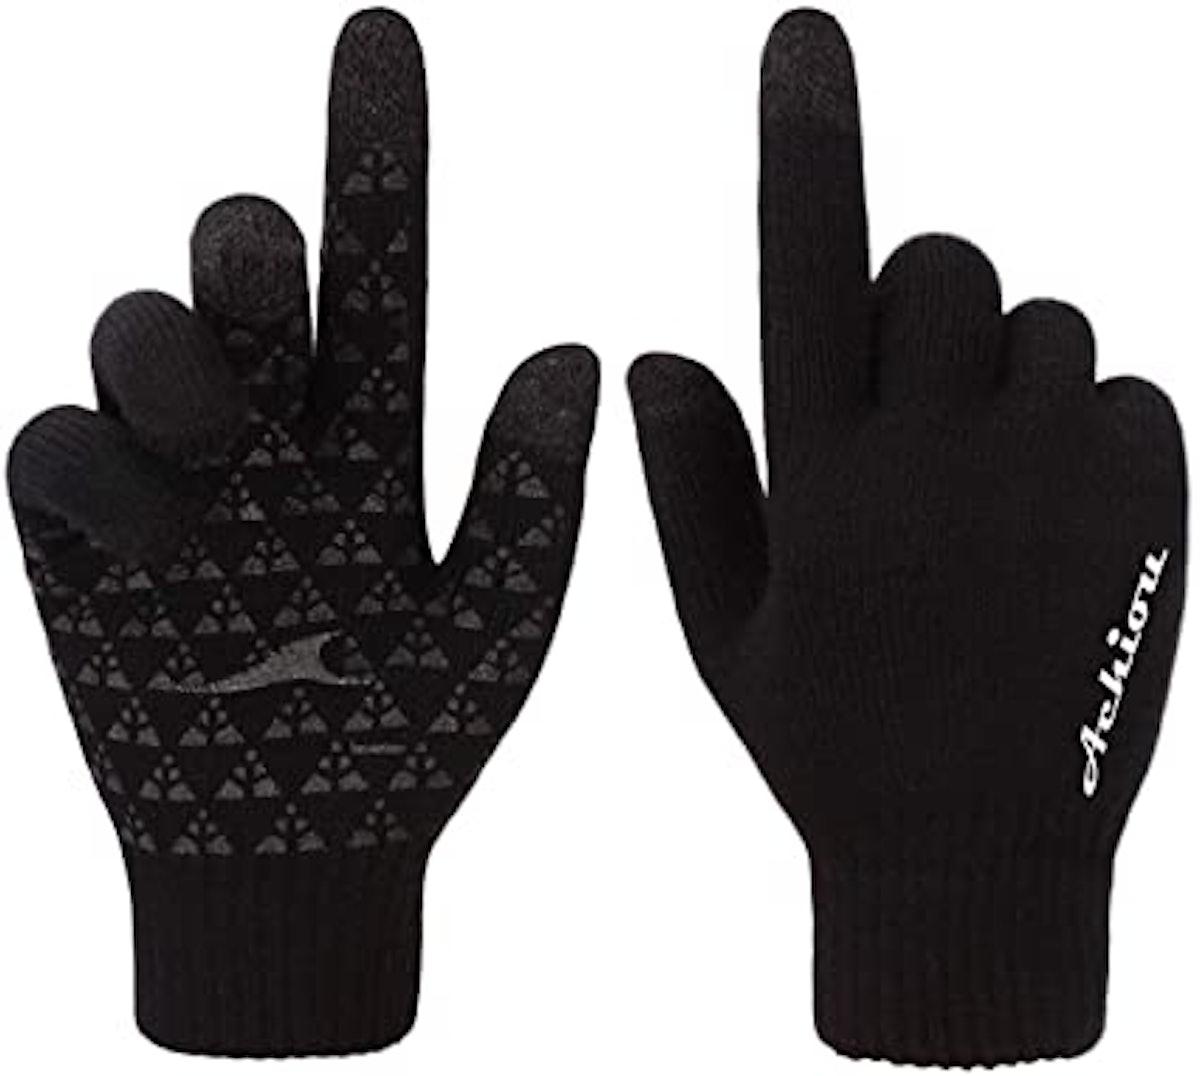 Achiou Touchscreen Winter Knit Gloves